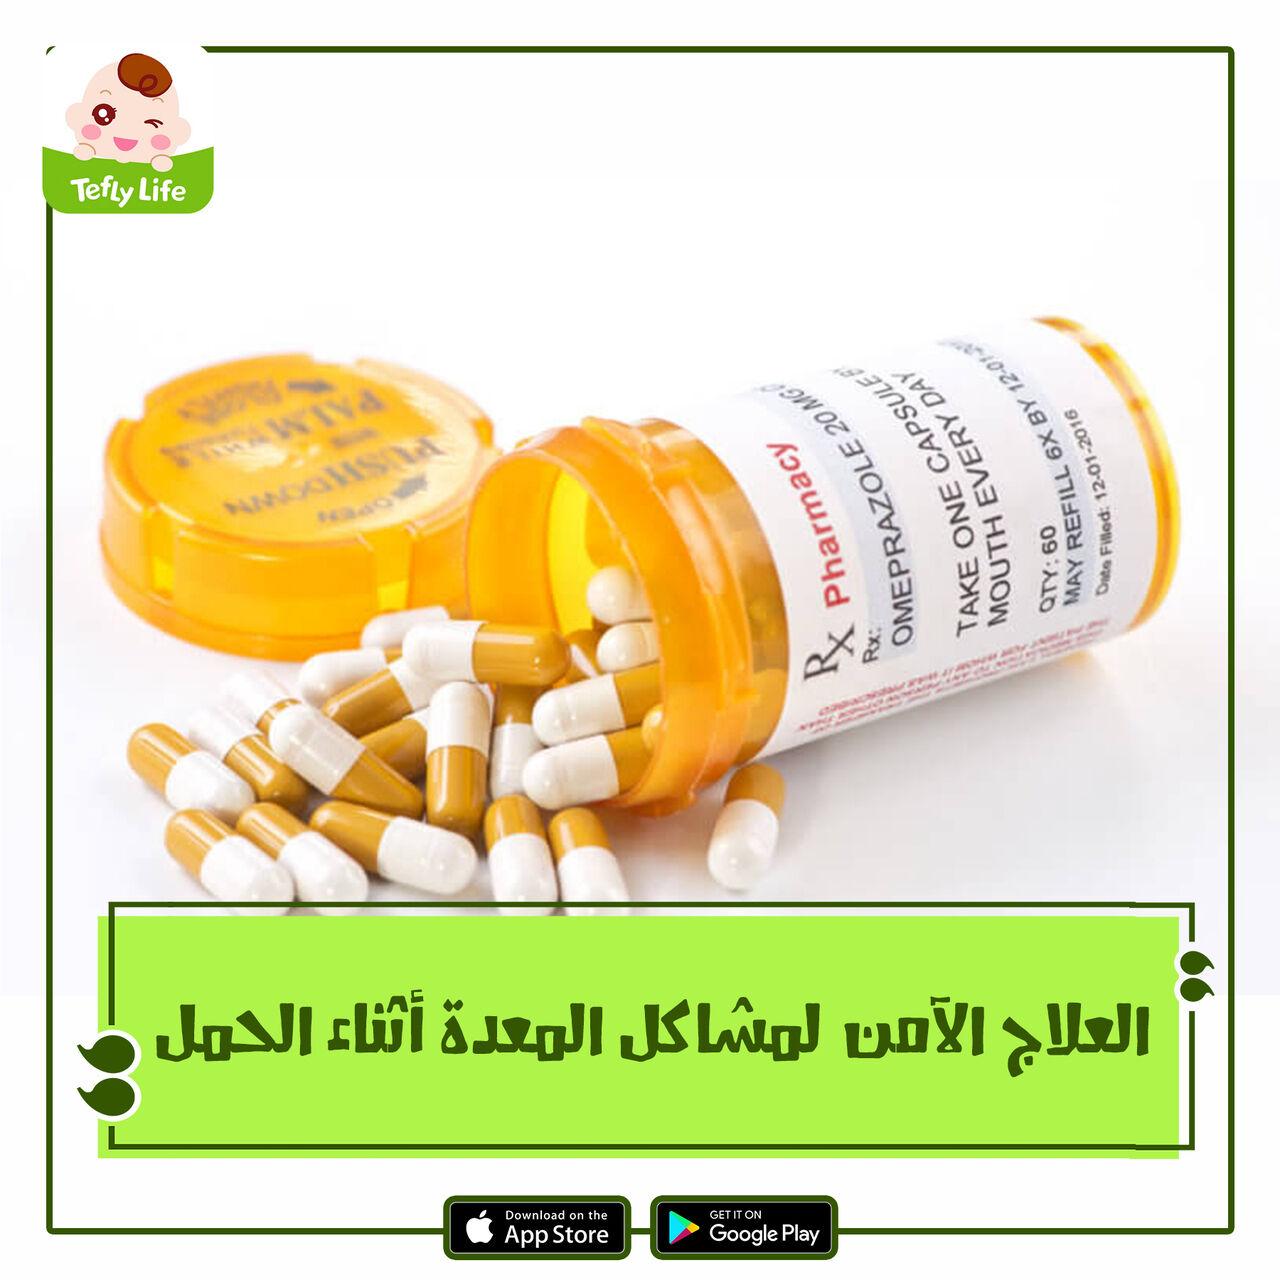 العقاقير الآمنة لعلاج الحموضة و مشاكل المعدة أثناء الحمل